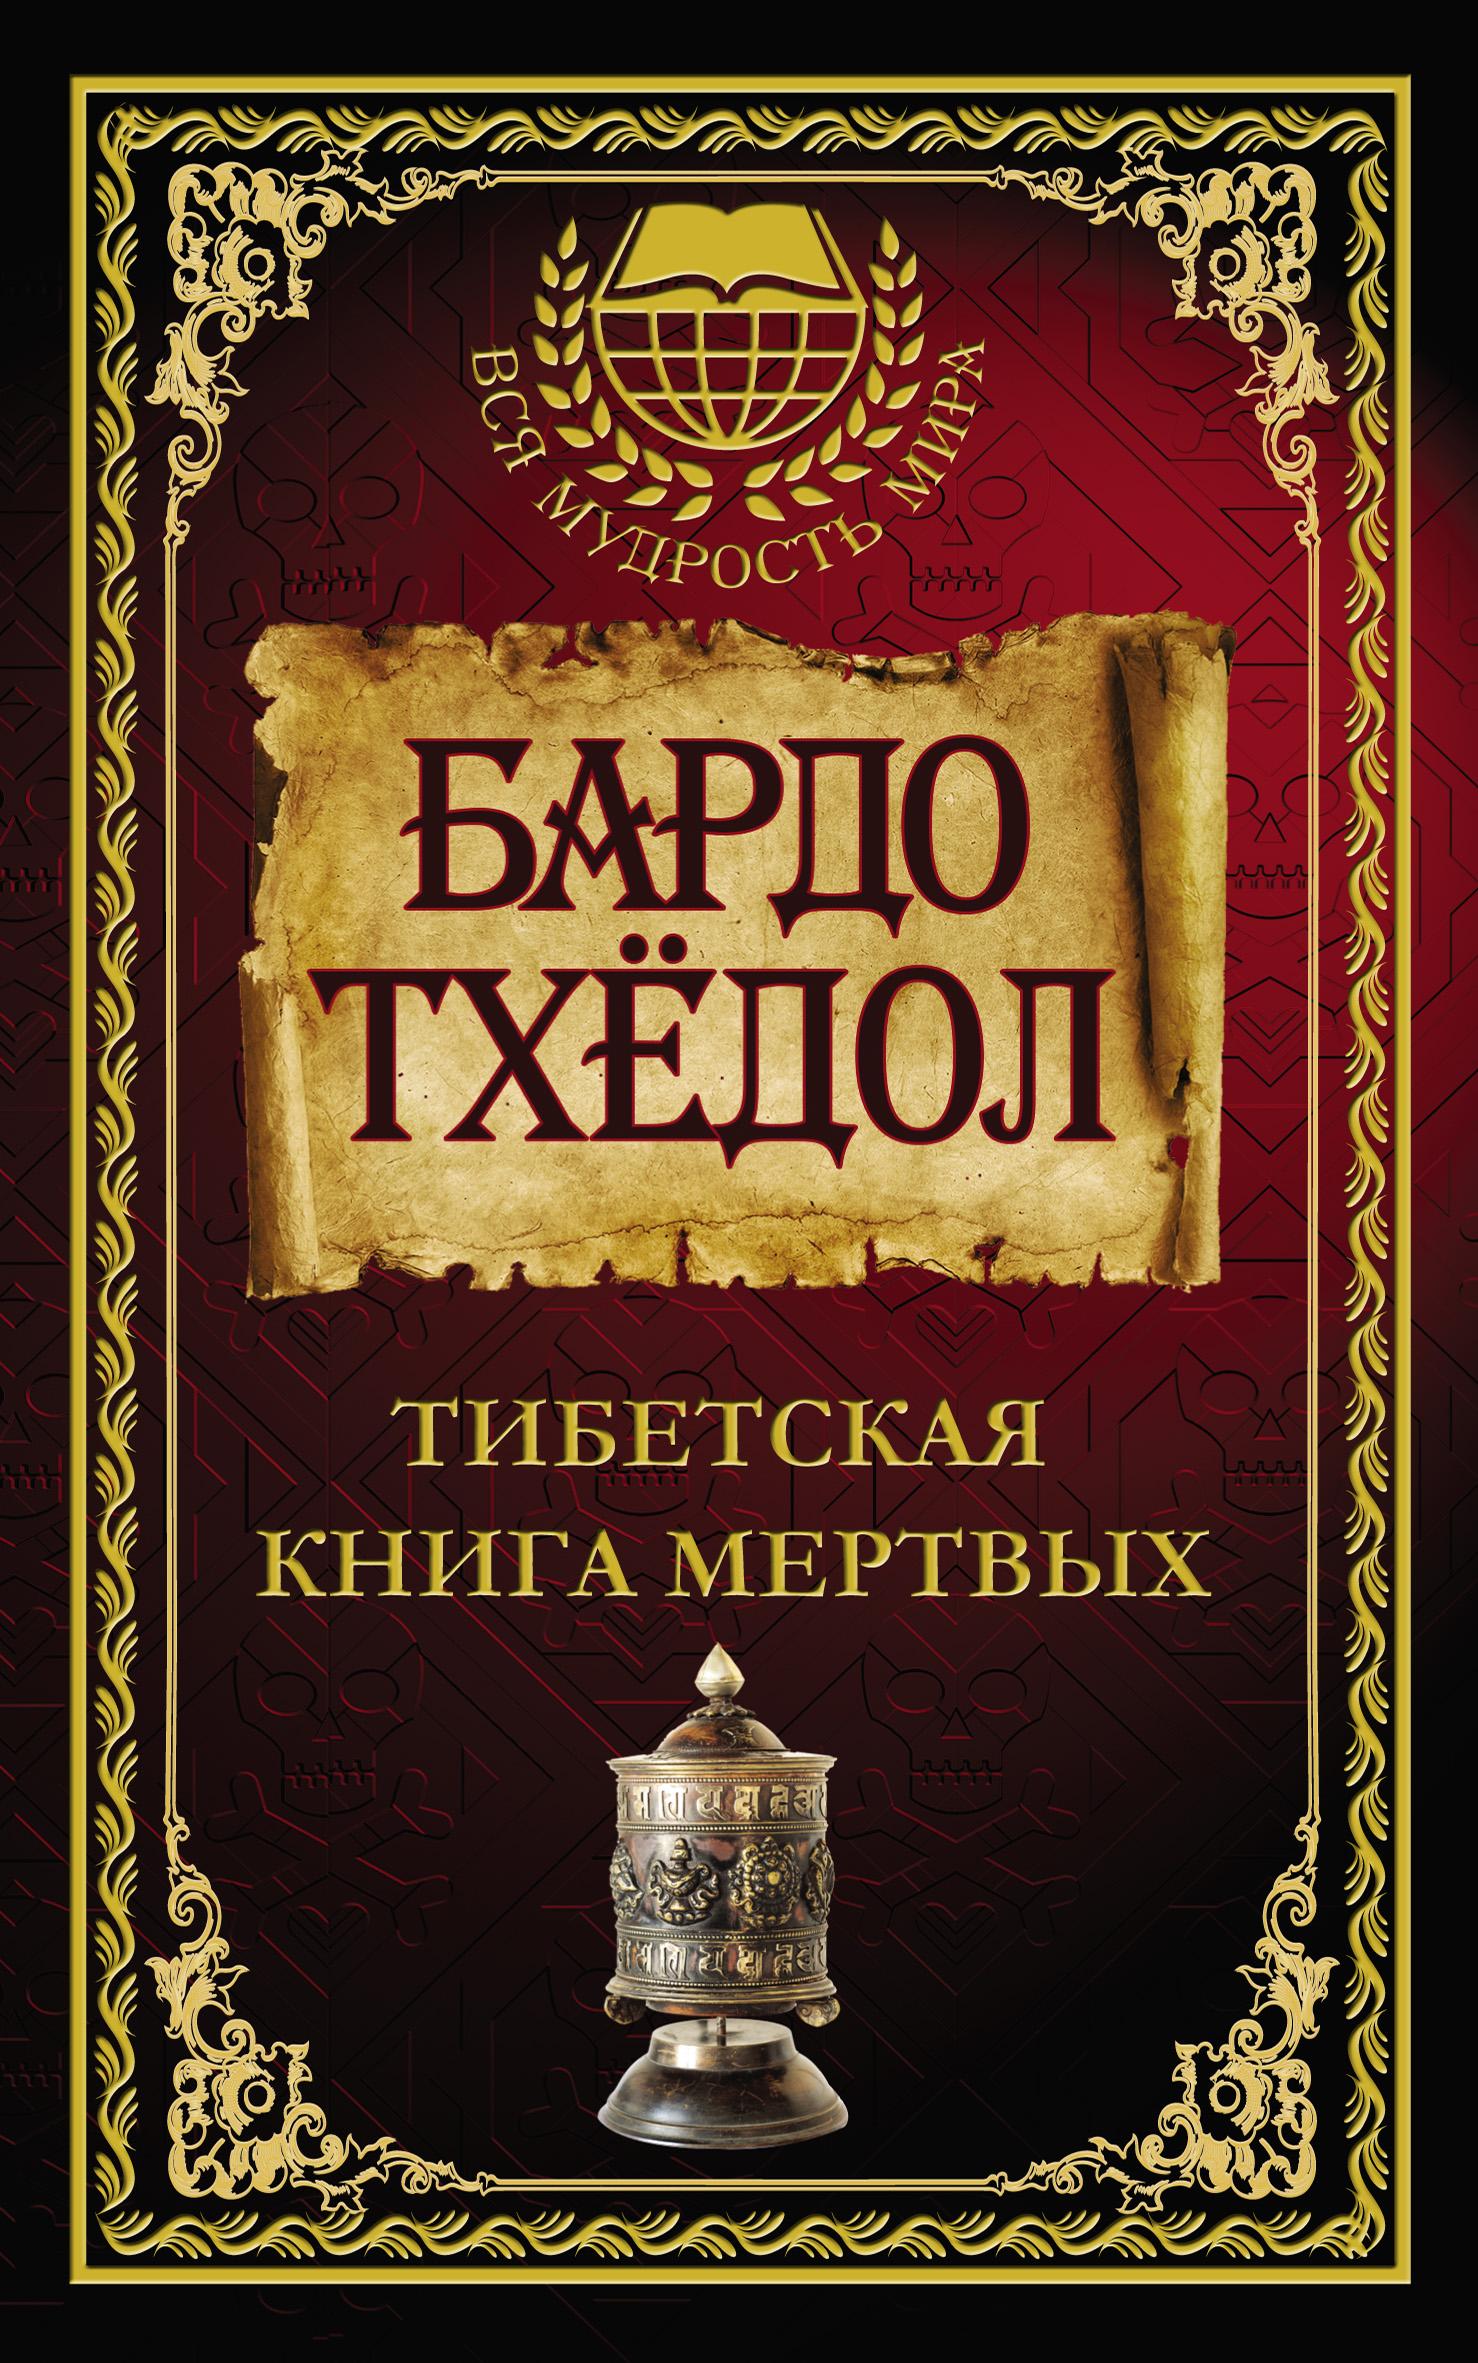 Коллектив авторов Бардо Тхёдол. Тибетская книга мертвых